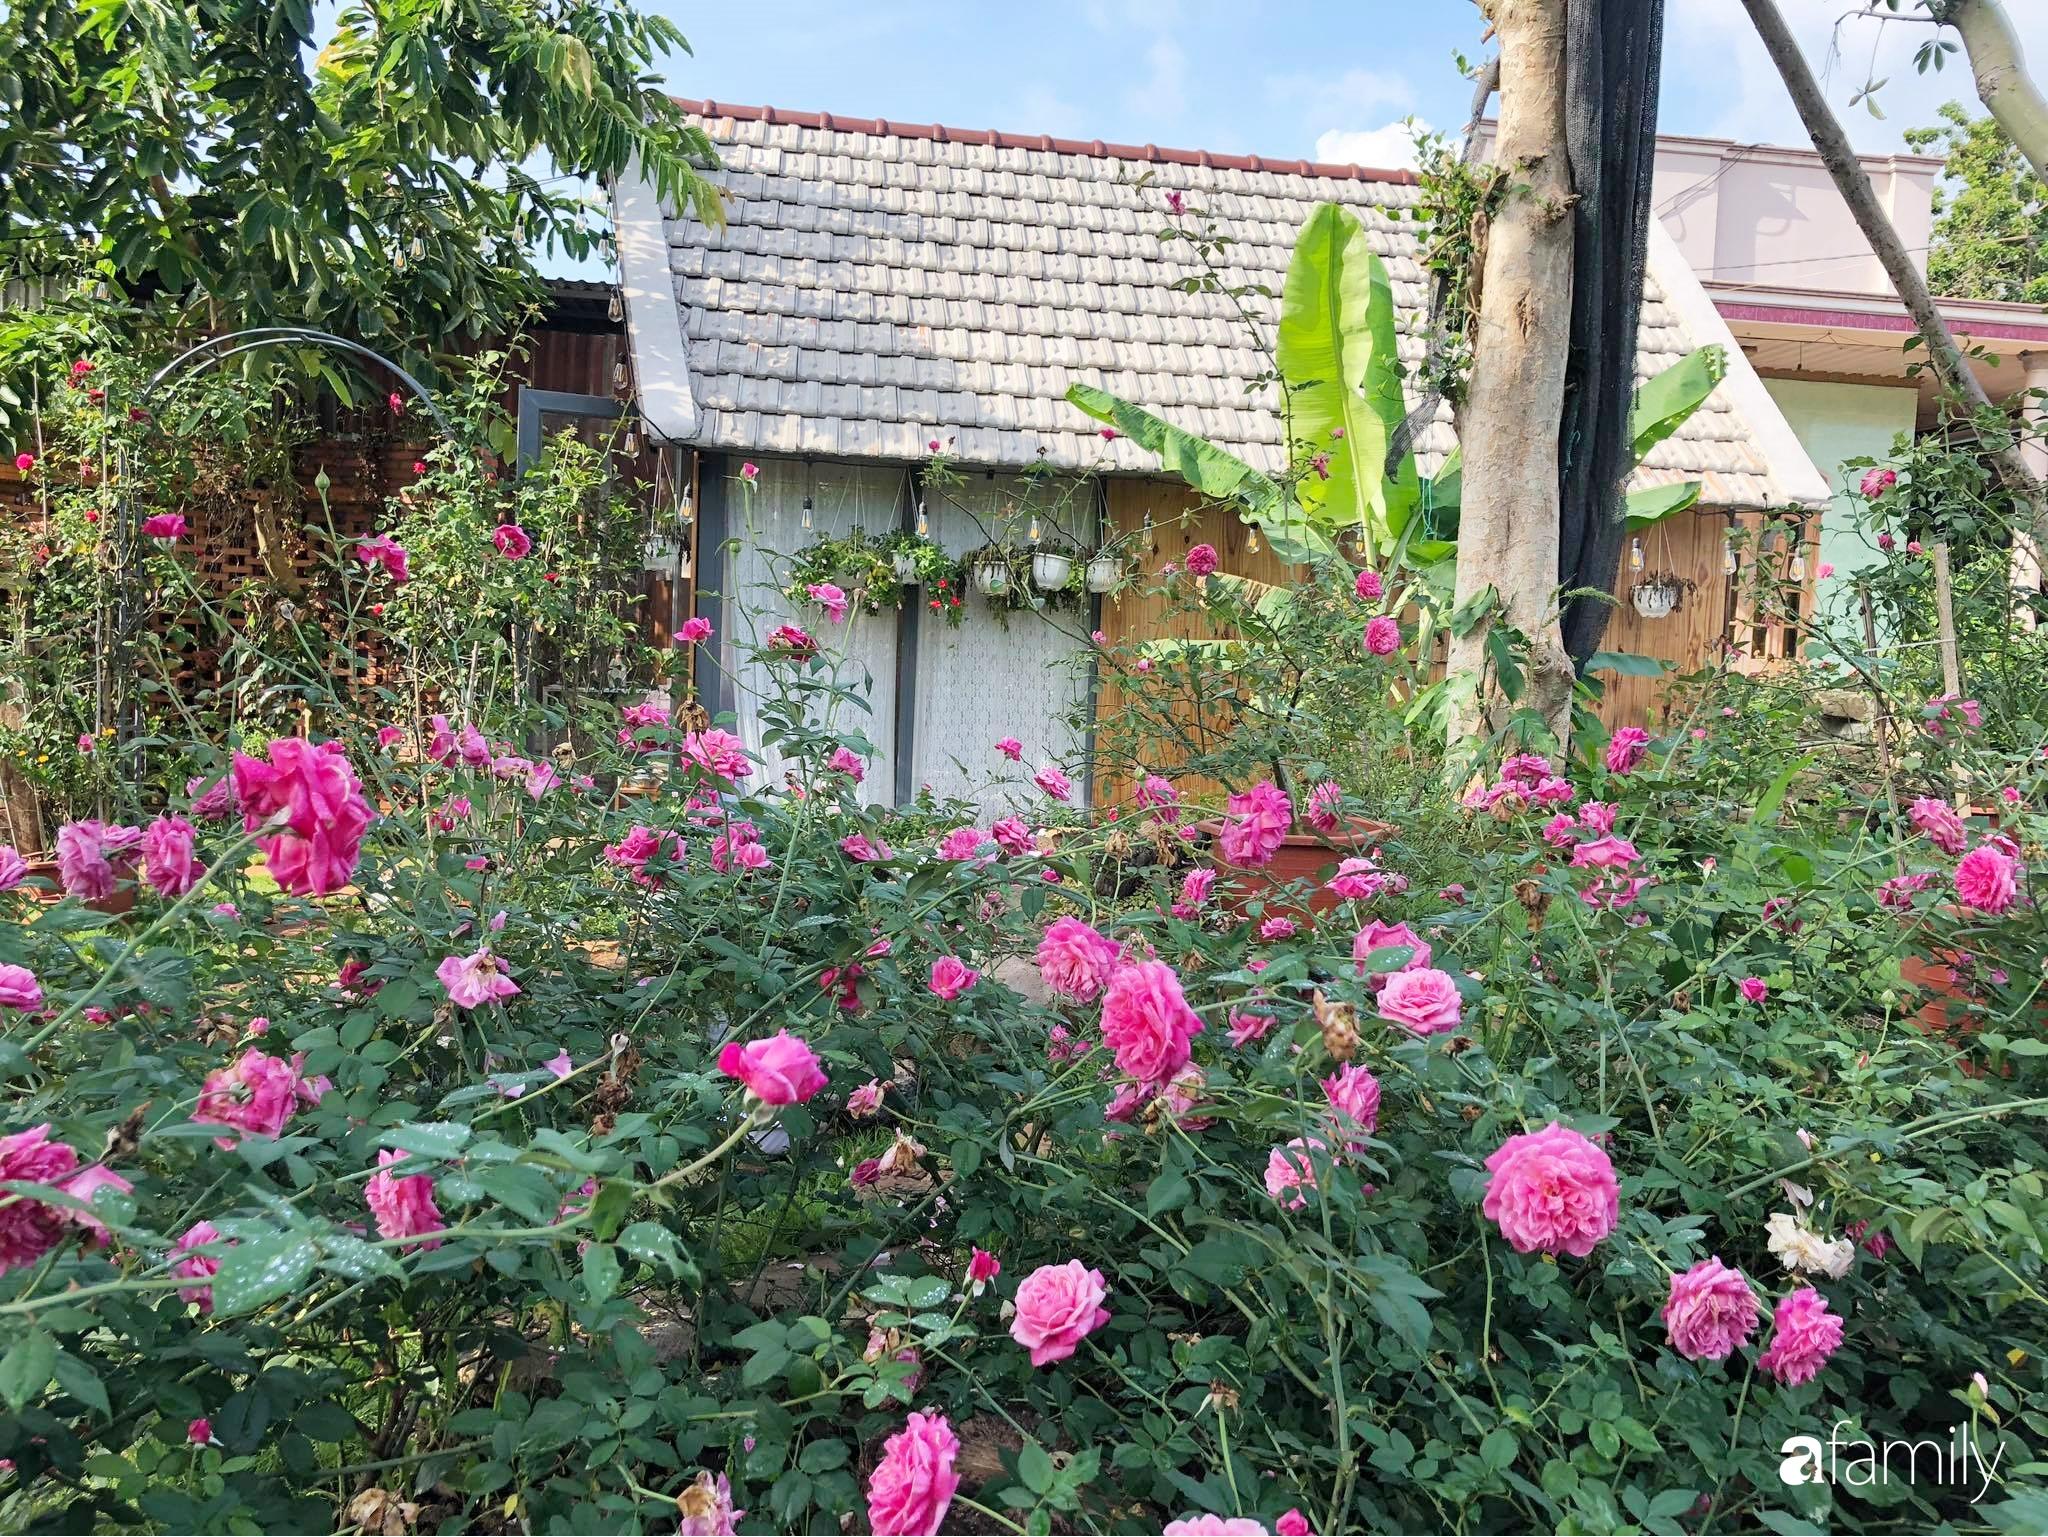 Khu vườn hoa hồng đẹp như cổ tích mà người chồng ngày đêm chăm sóc để tặng vợ con ở Vũng Tàu-10